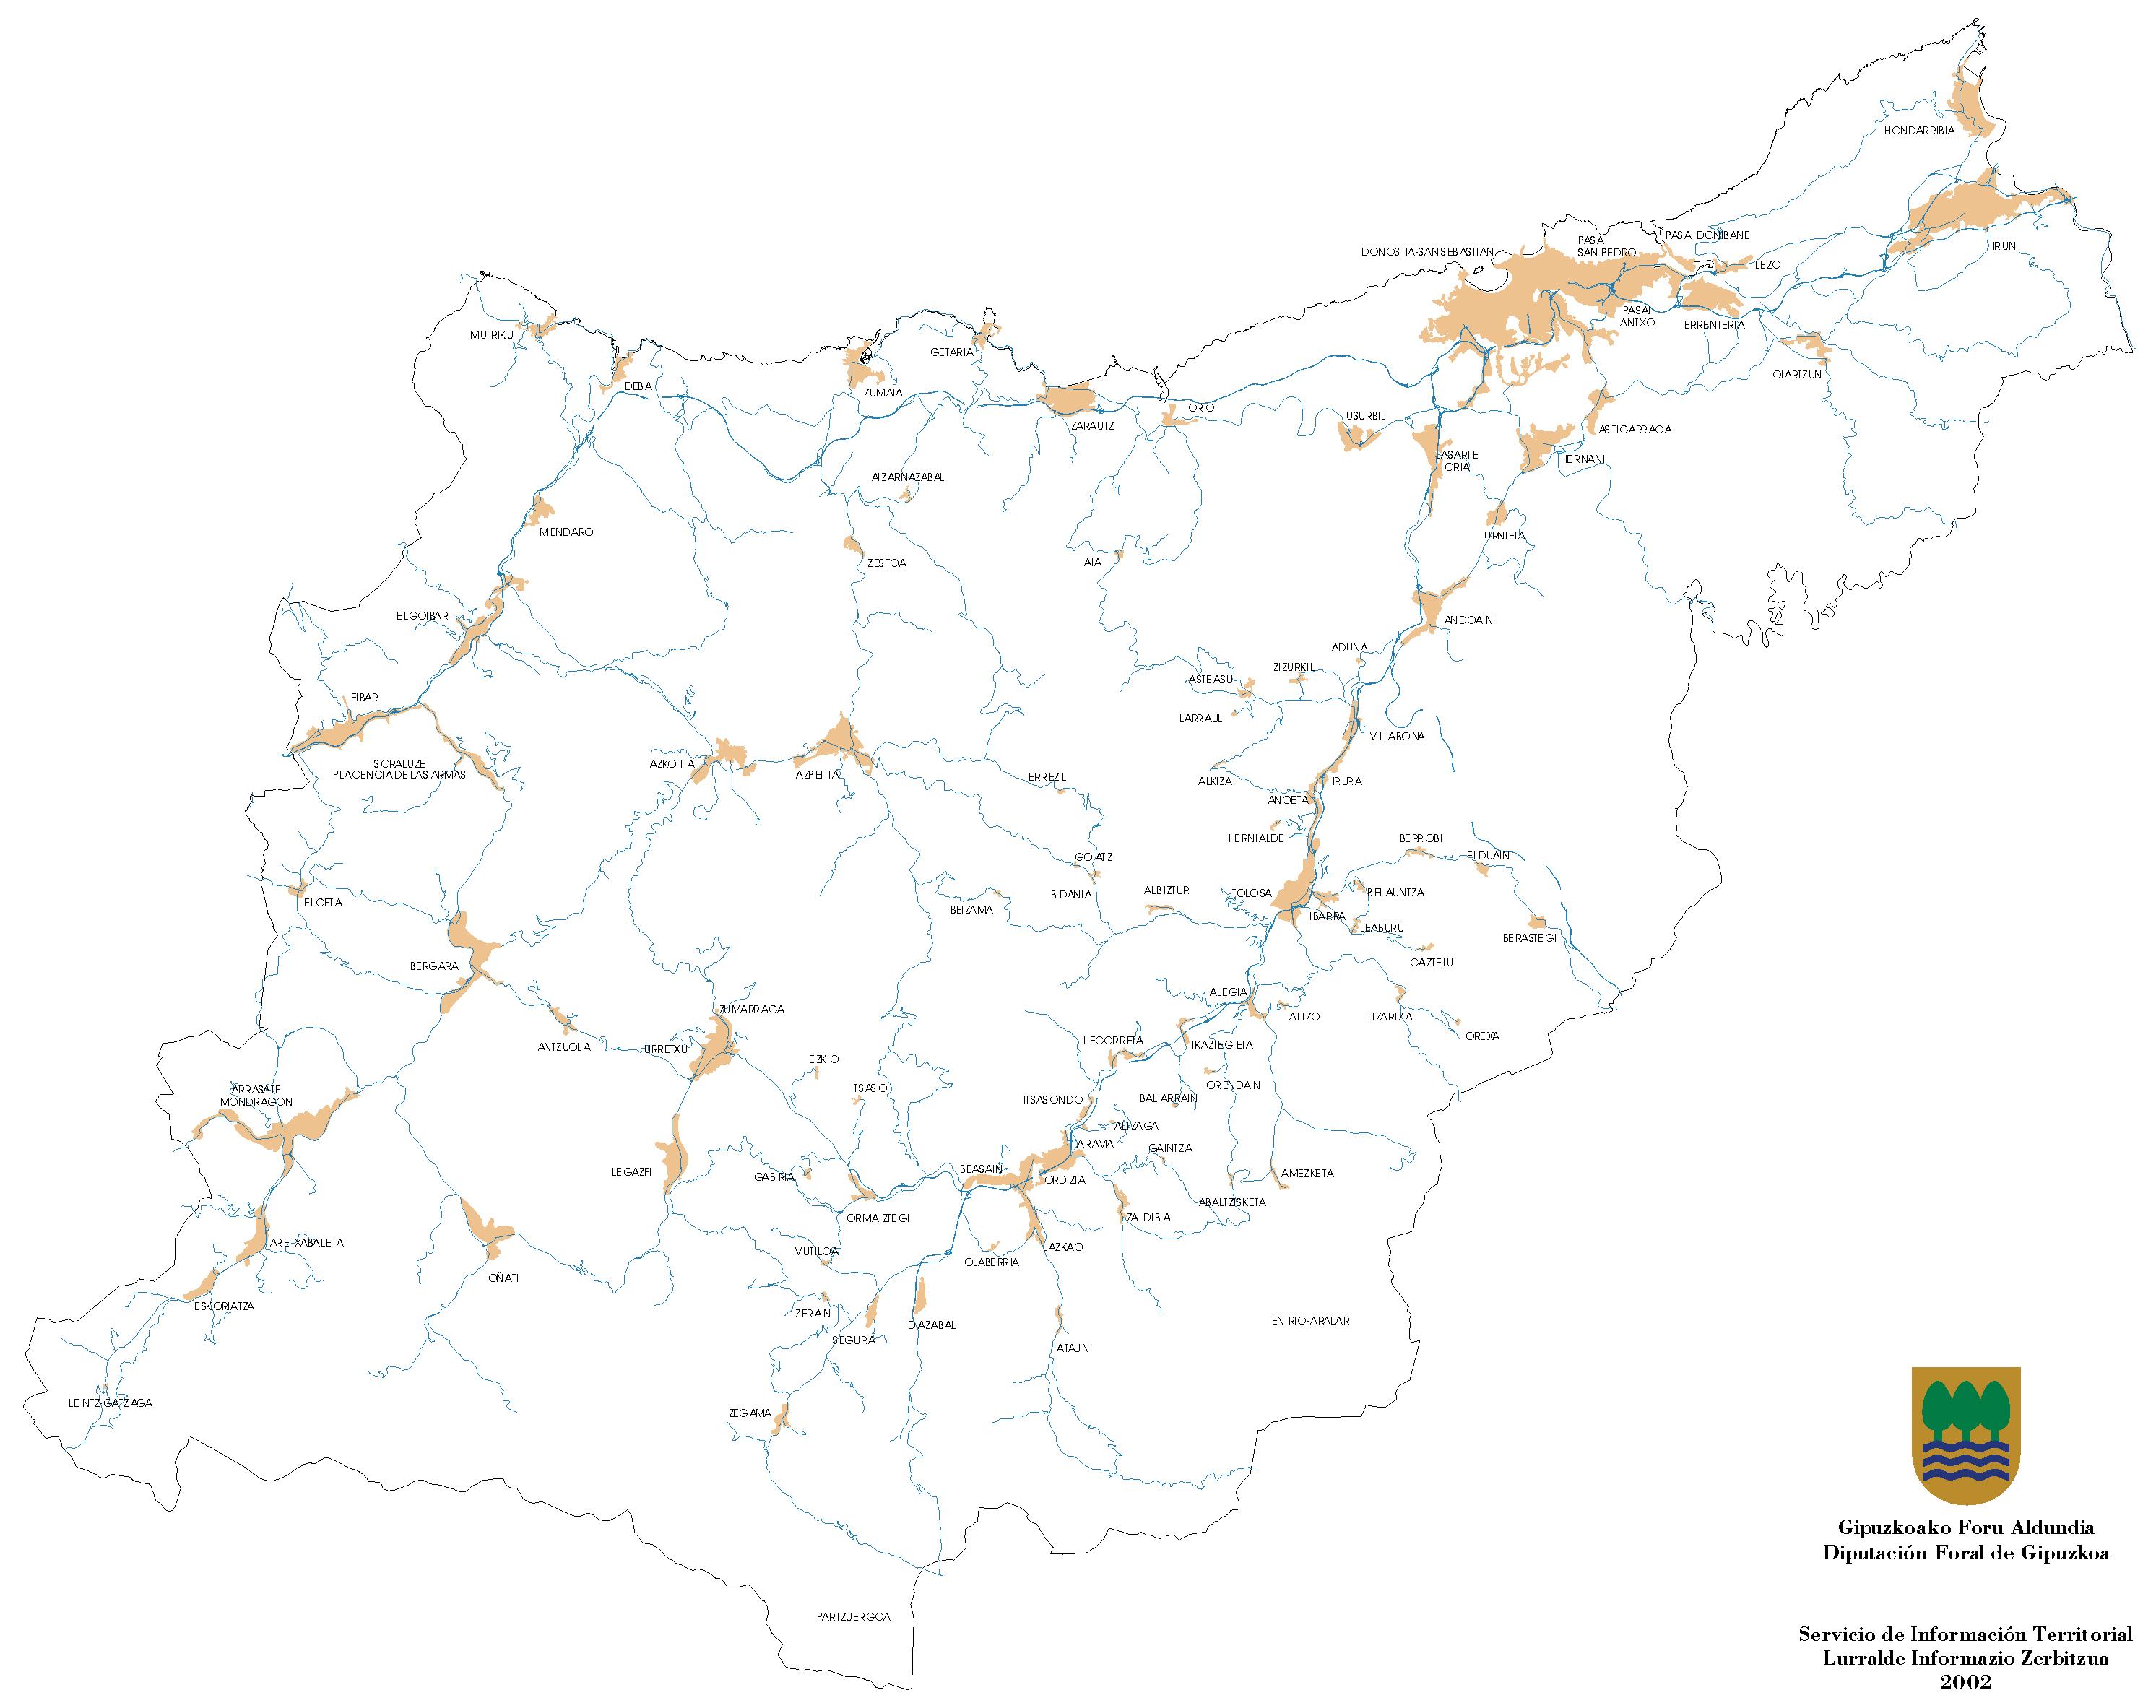 Urban areas of the Province of Gipuzkoa